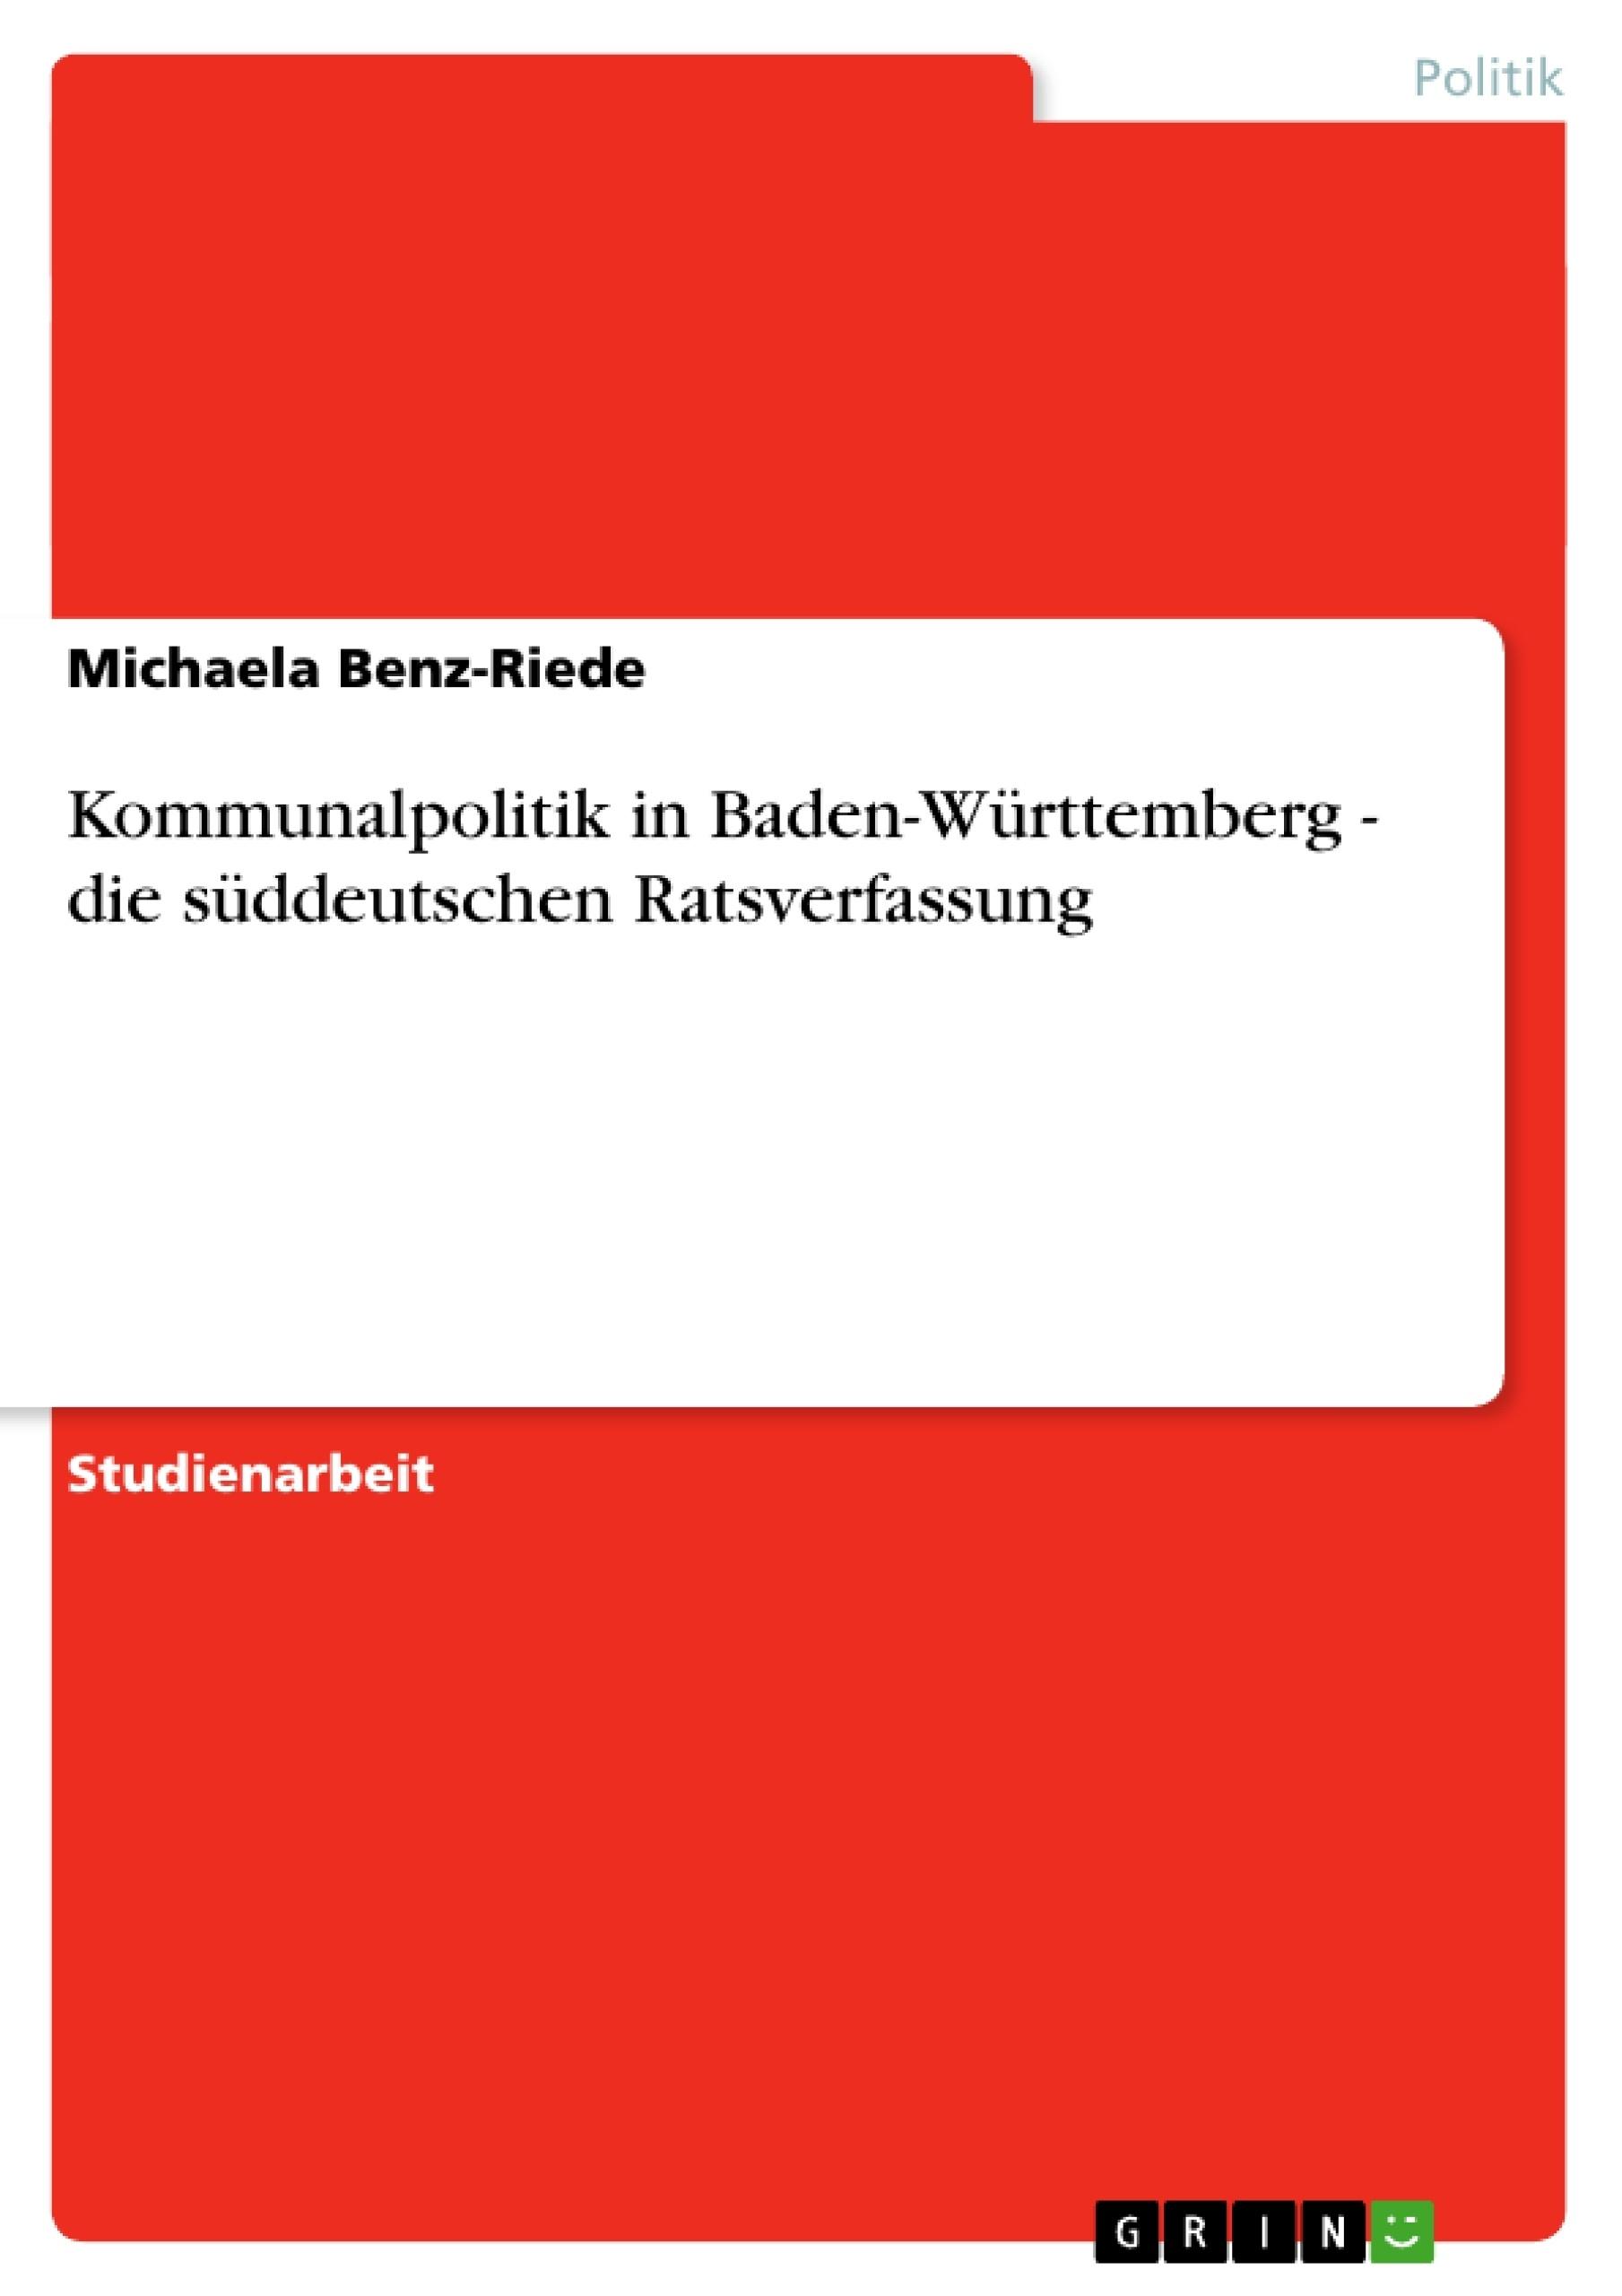 Titel: Kommunalpolitik in Baden-Württemberg - die süddeutschen Ratsverfassung